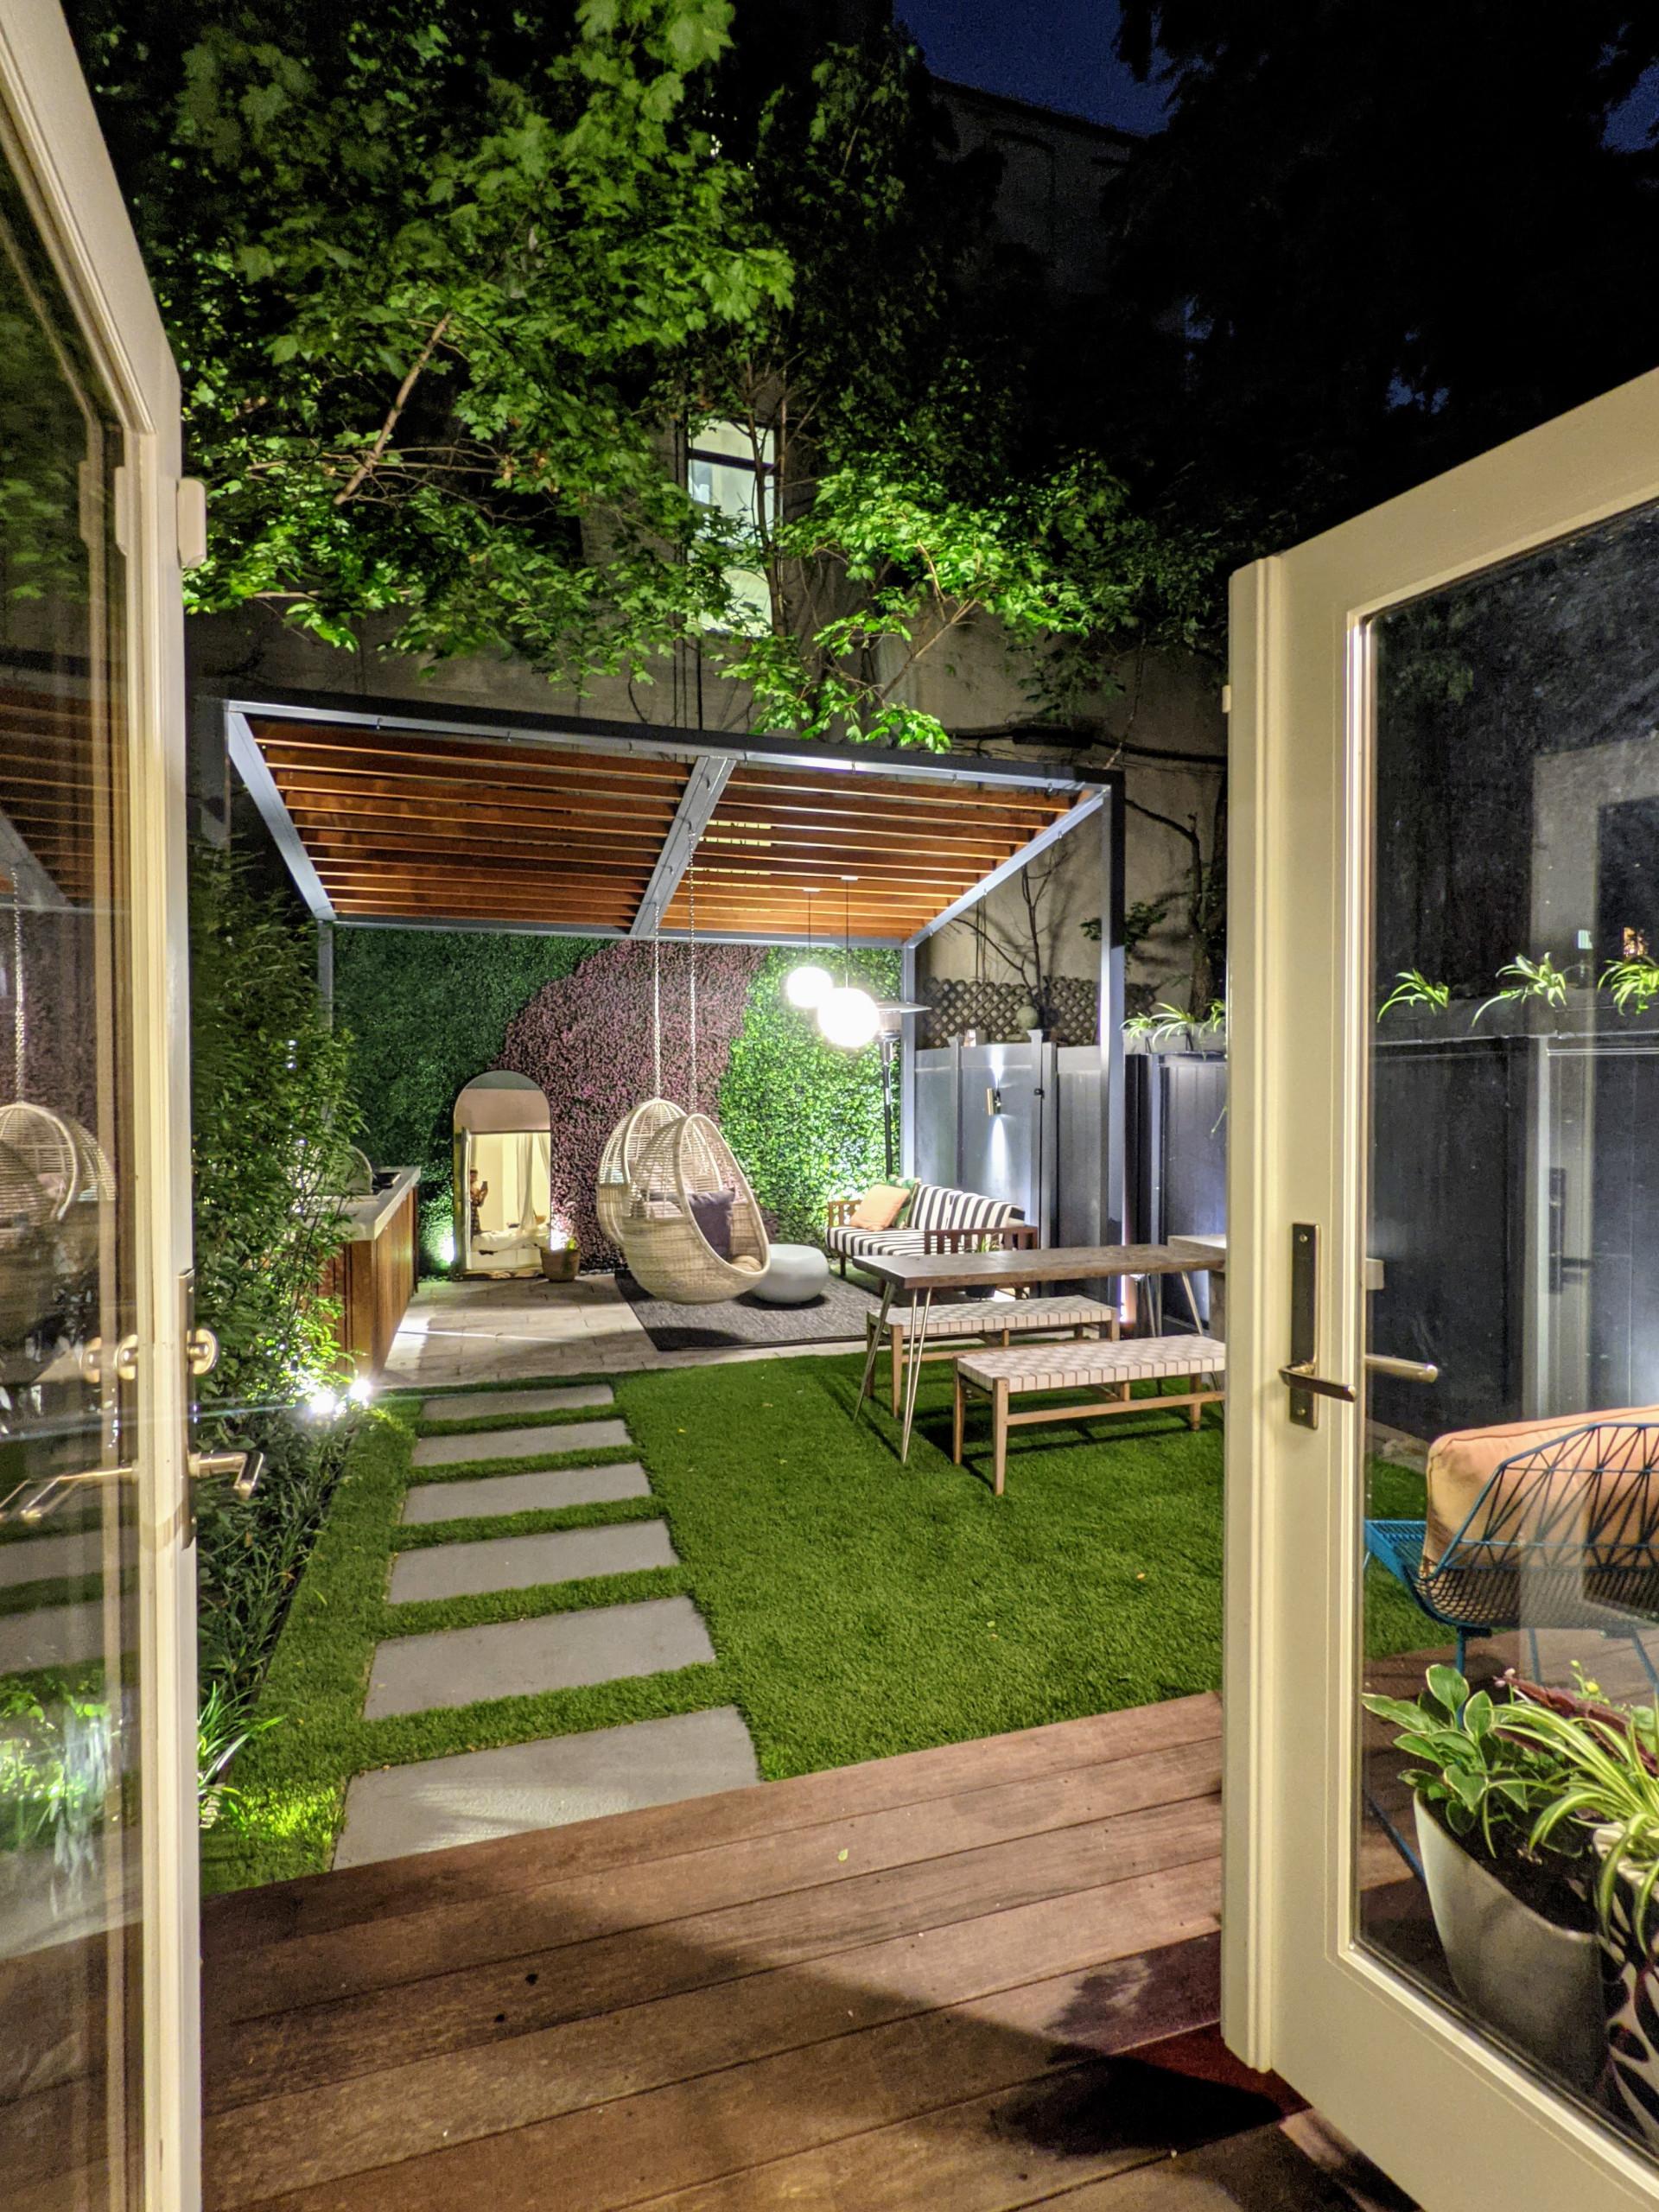 Harlem Backyard with slanted pergola